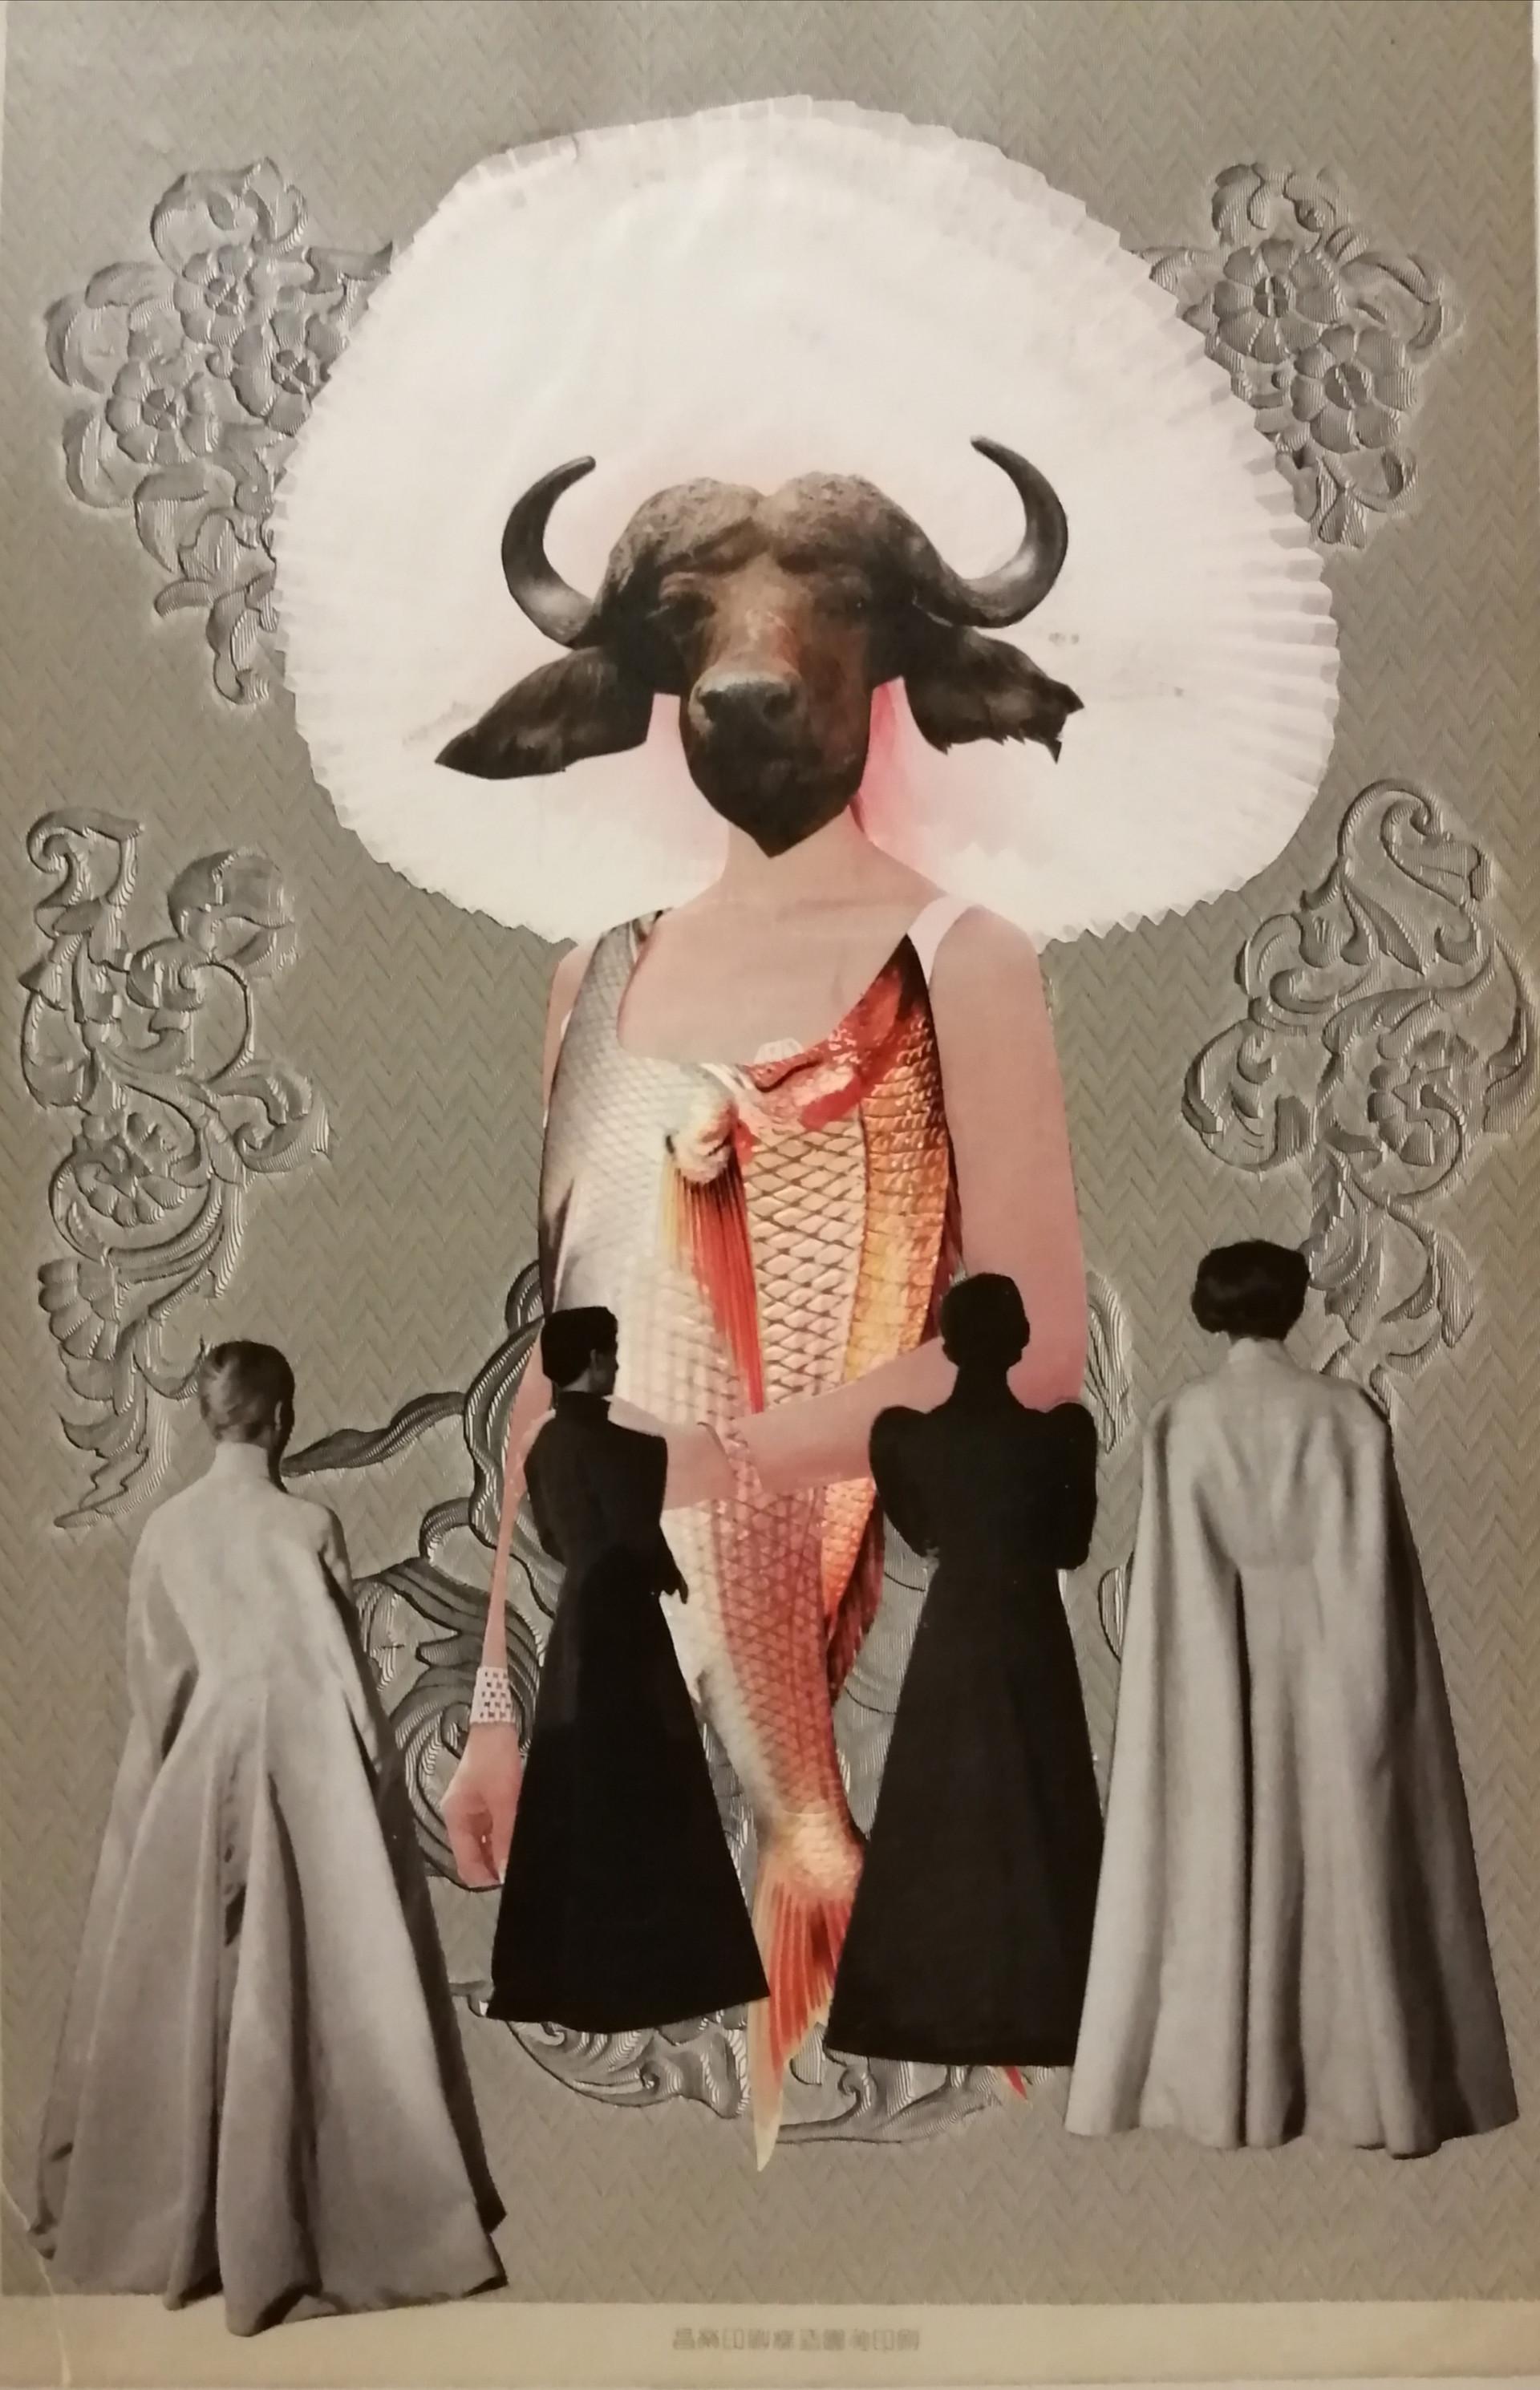 Tanto en el vestuario como en la narrativa y las artes plásticas mi obra se desarrolla como un collage de ideas y asociaciones libres del inconsciente.